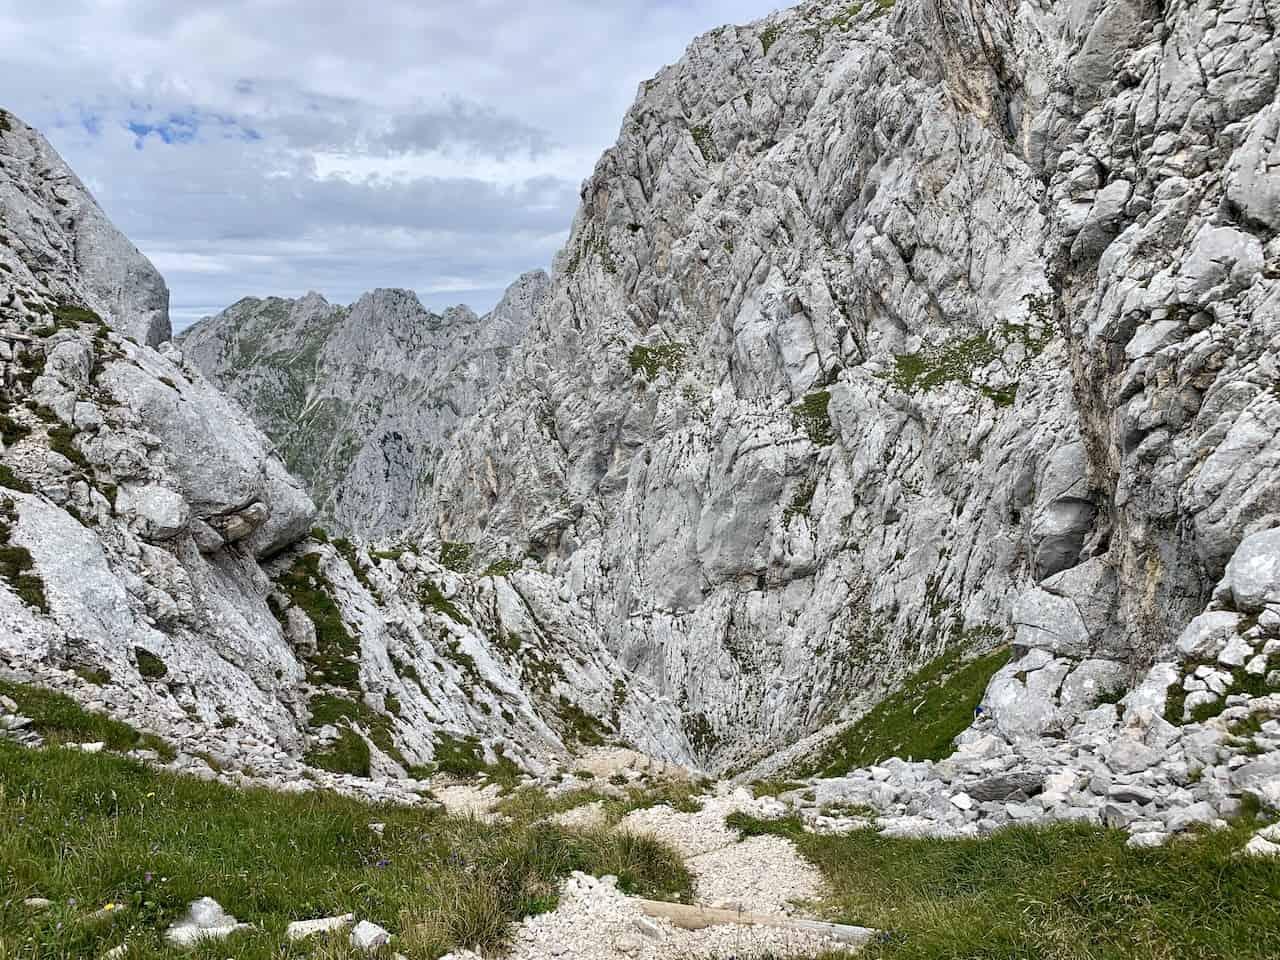 Rinderscharte Valley